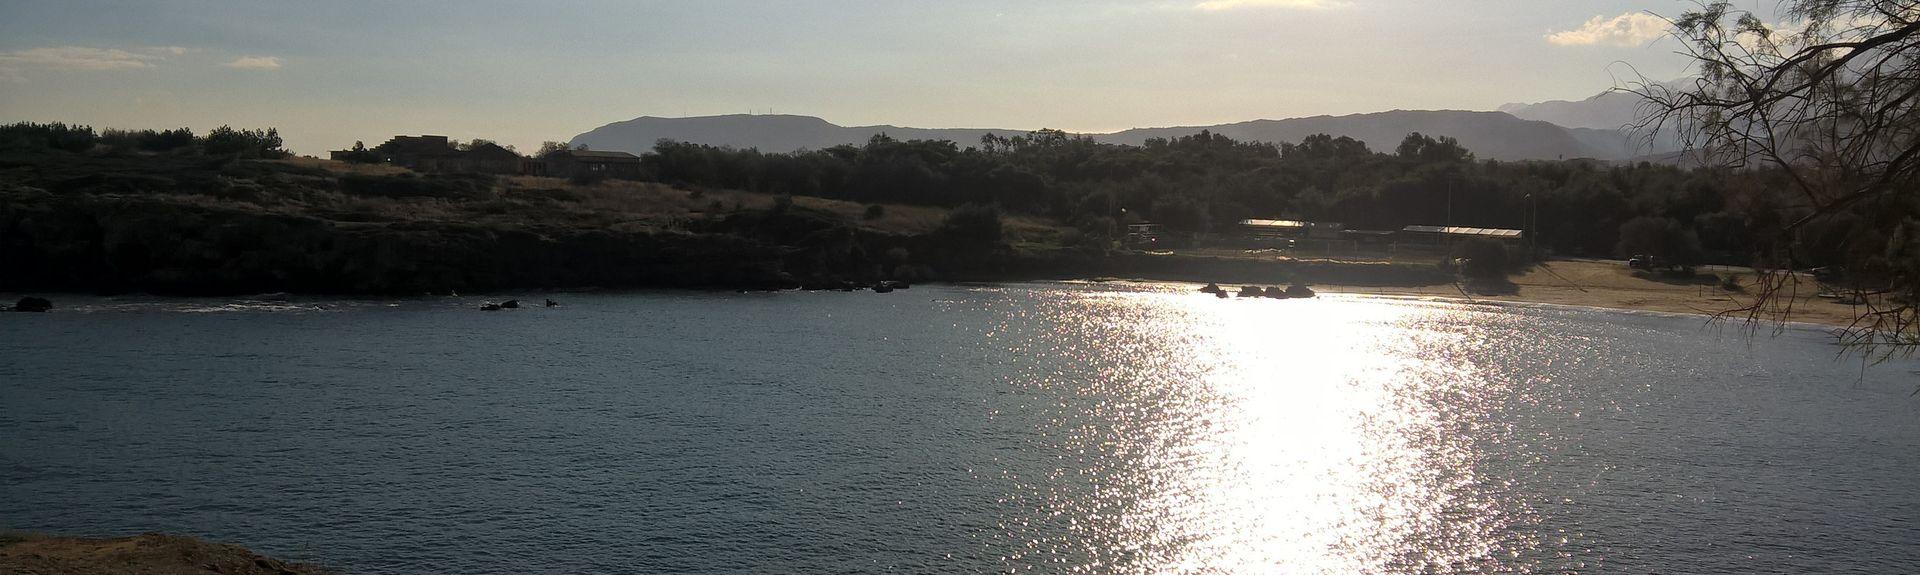 Καλαθάς, Κρήτη, Ελλάδα